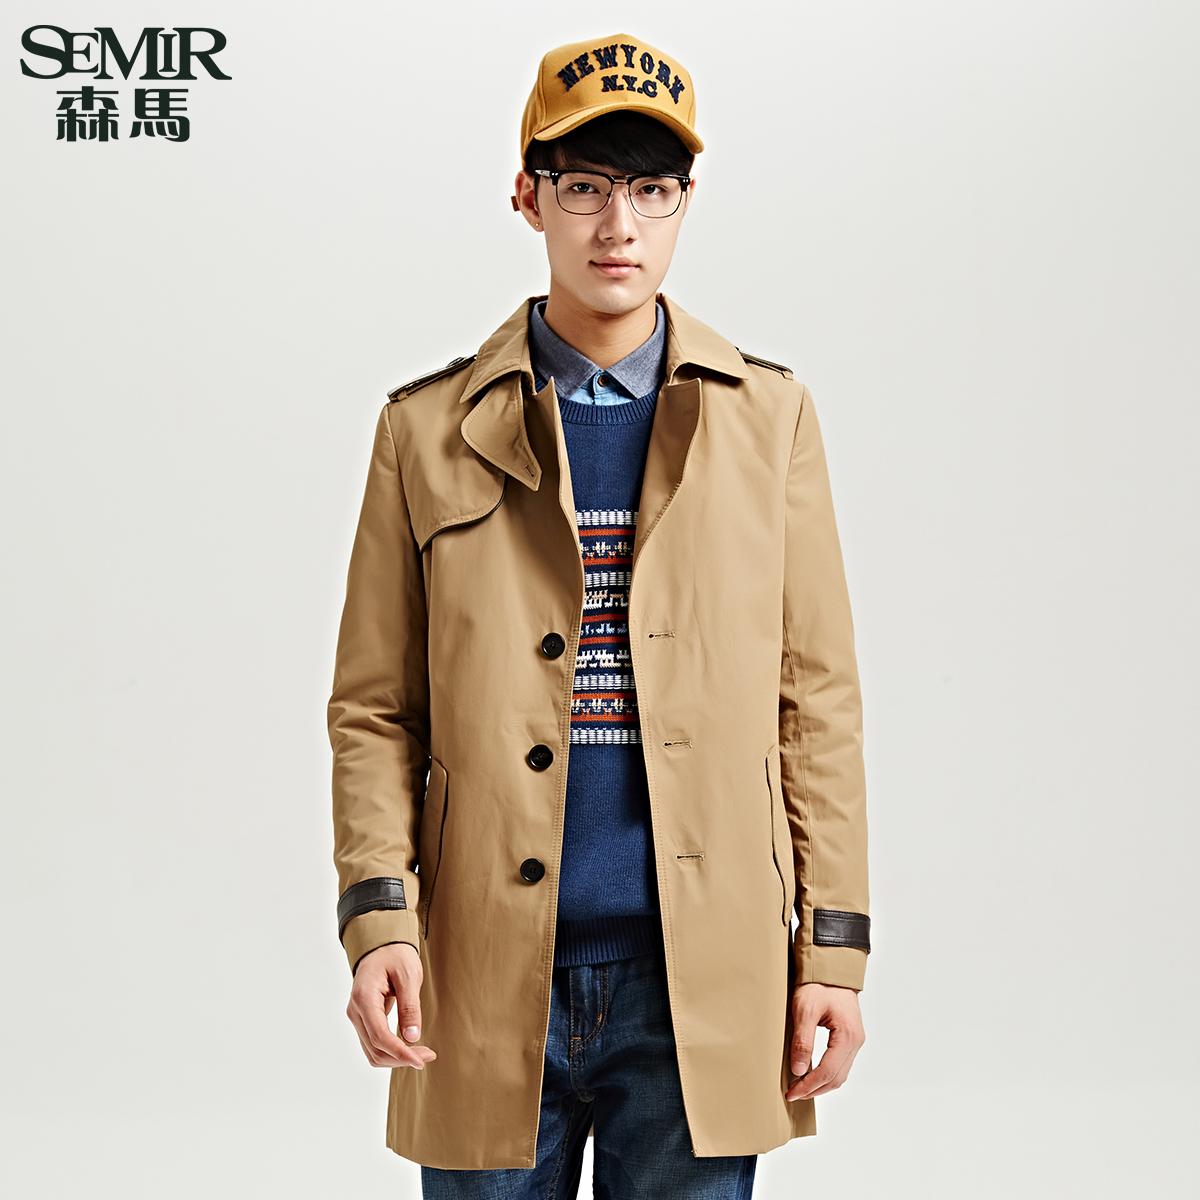 森马gson风衣 秋装新款外套 男士翻领休闲中长款休闲外套韩版潮流